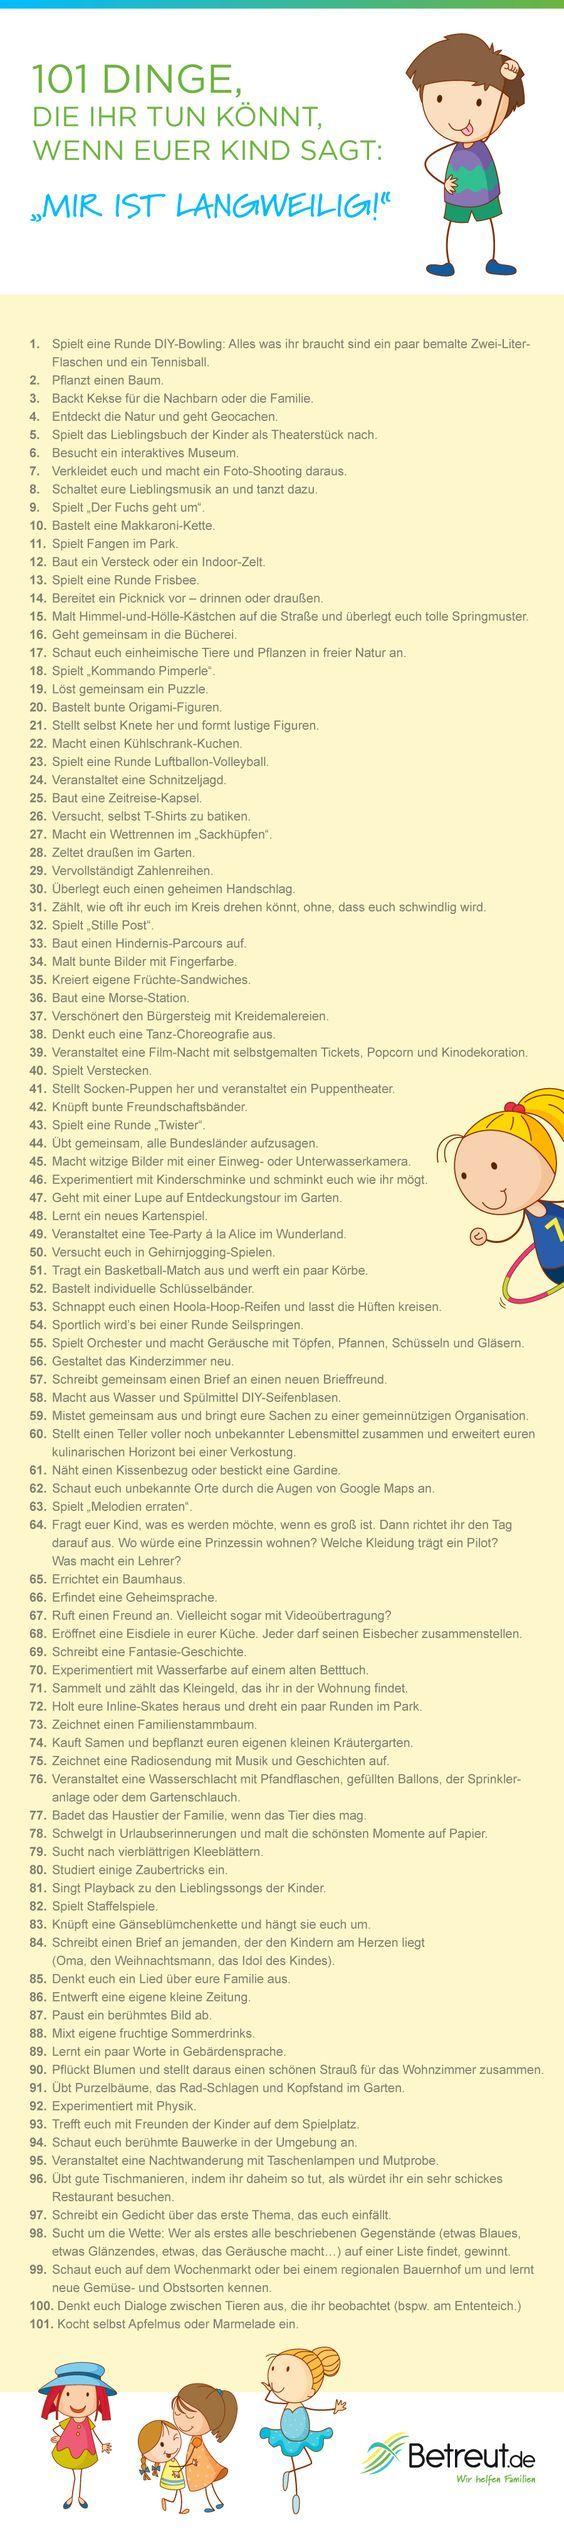 101 Tipps gegen LANGEWEILE für Kinder - Deutsch *** BORING - Things-To-Do-When... List German